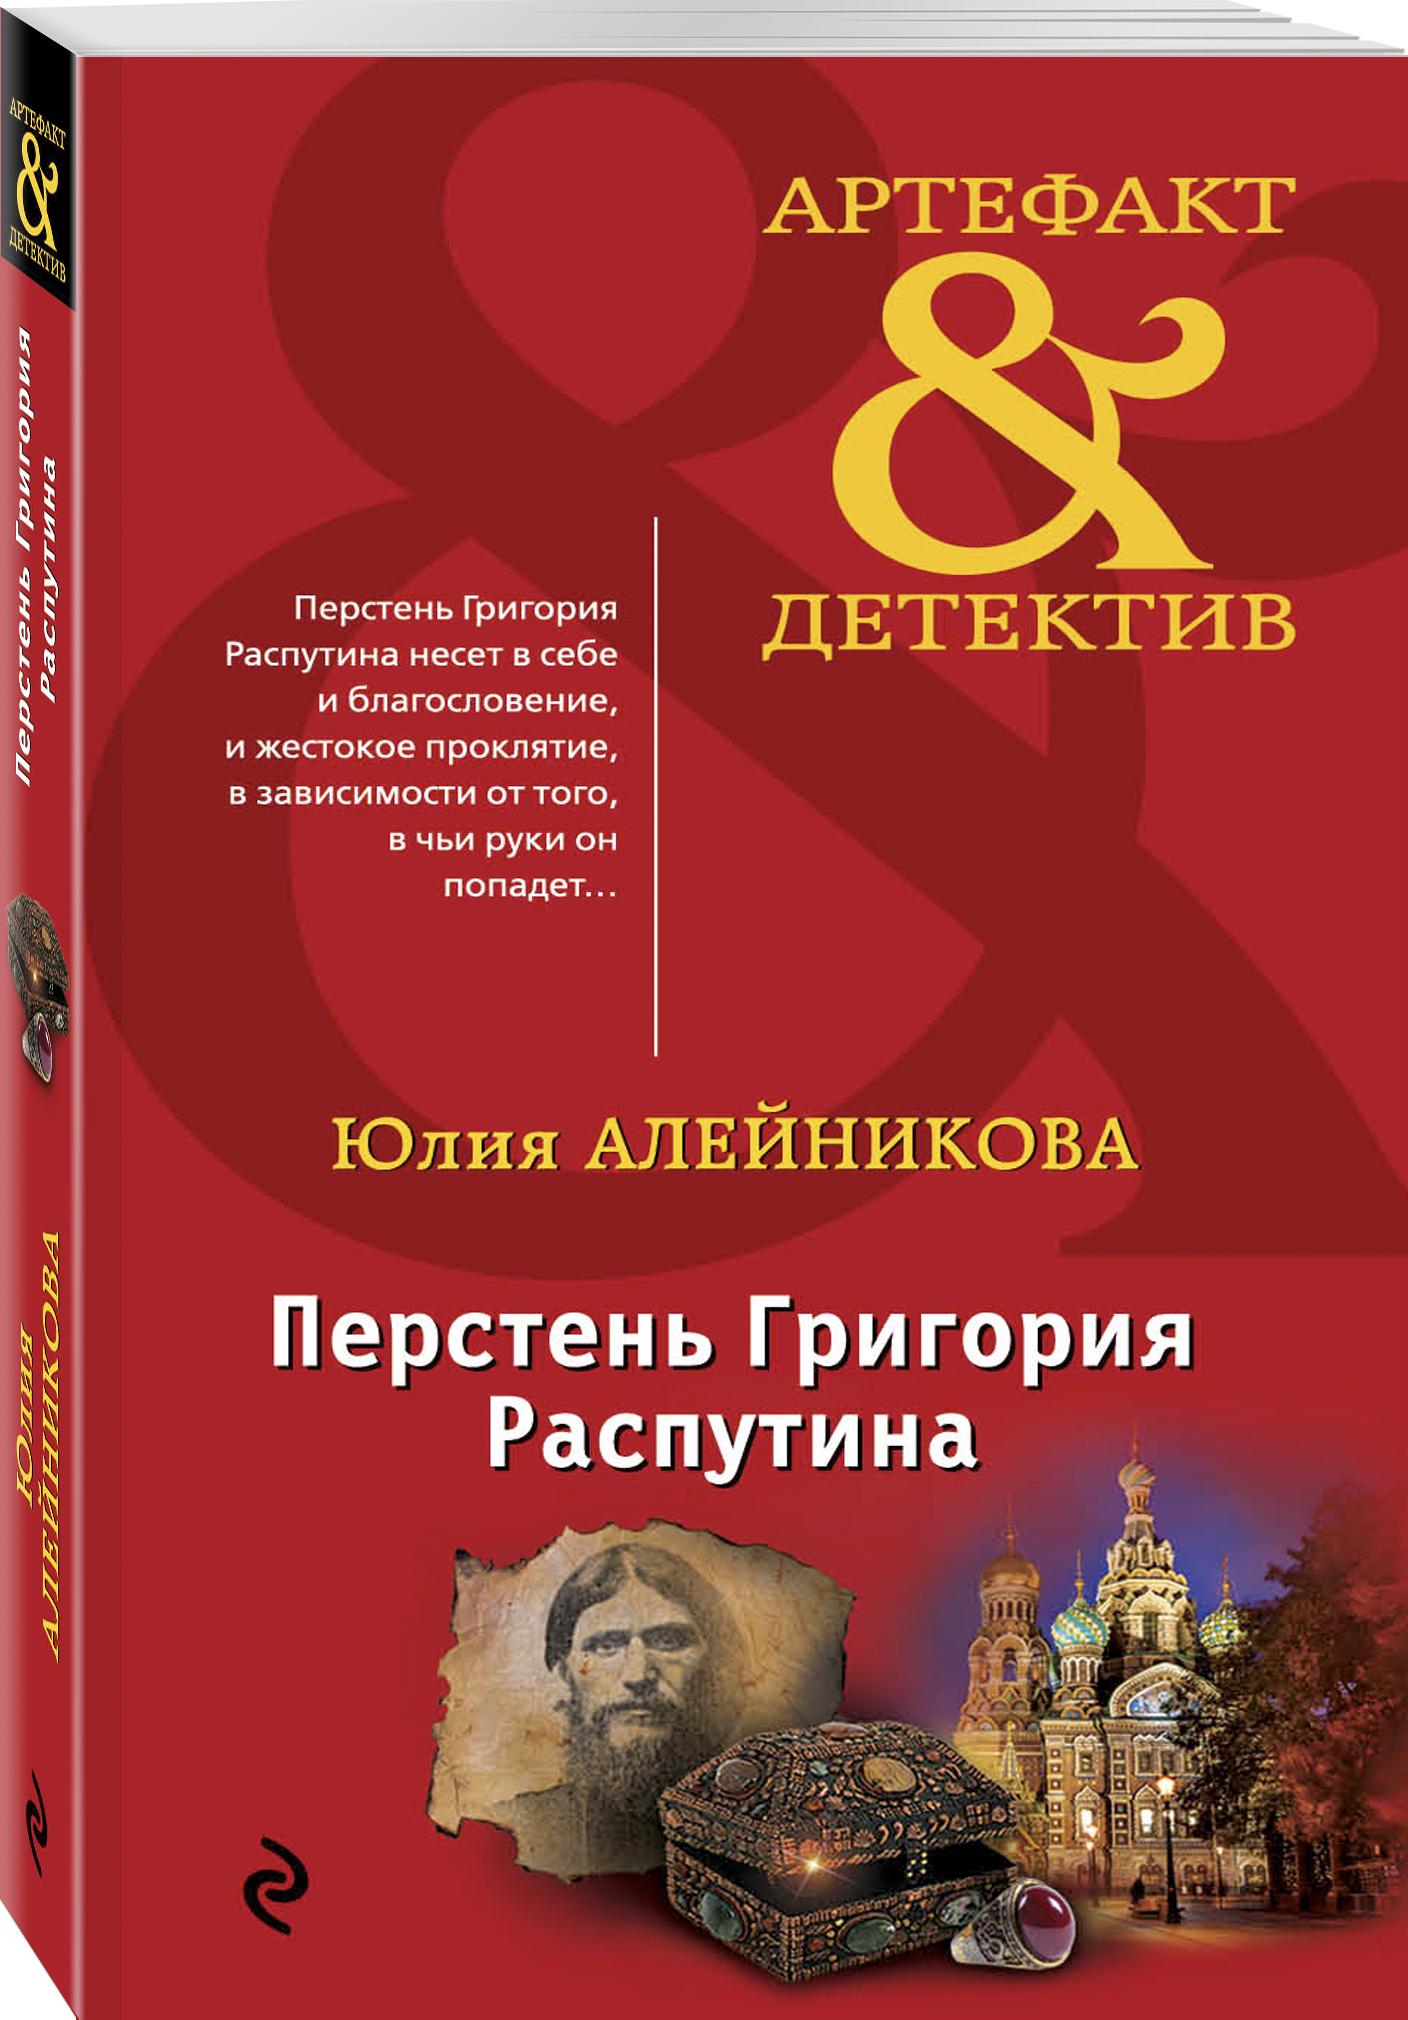 Юлия Алейникова Перстень Григория Распутина